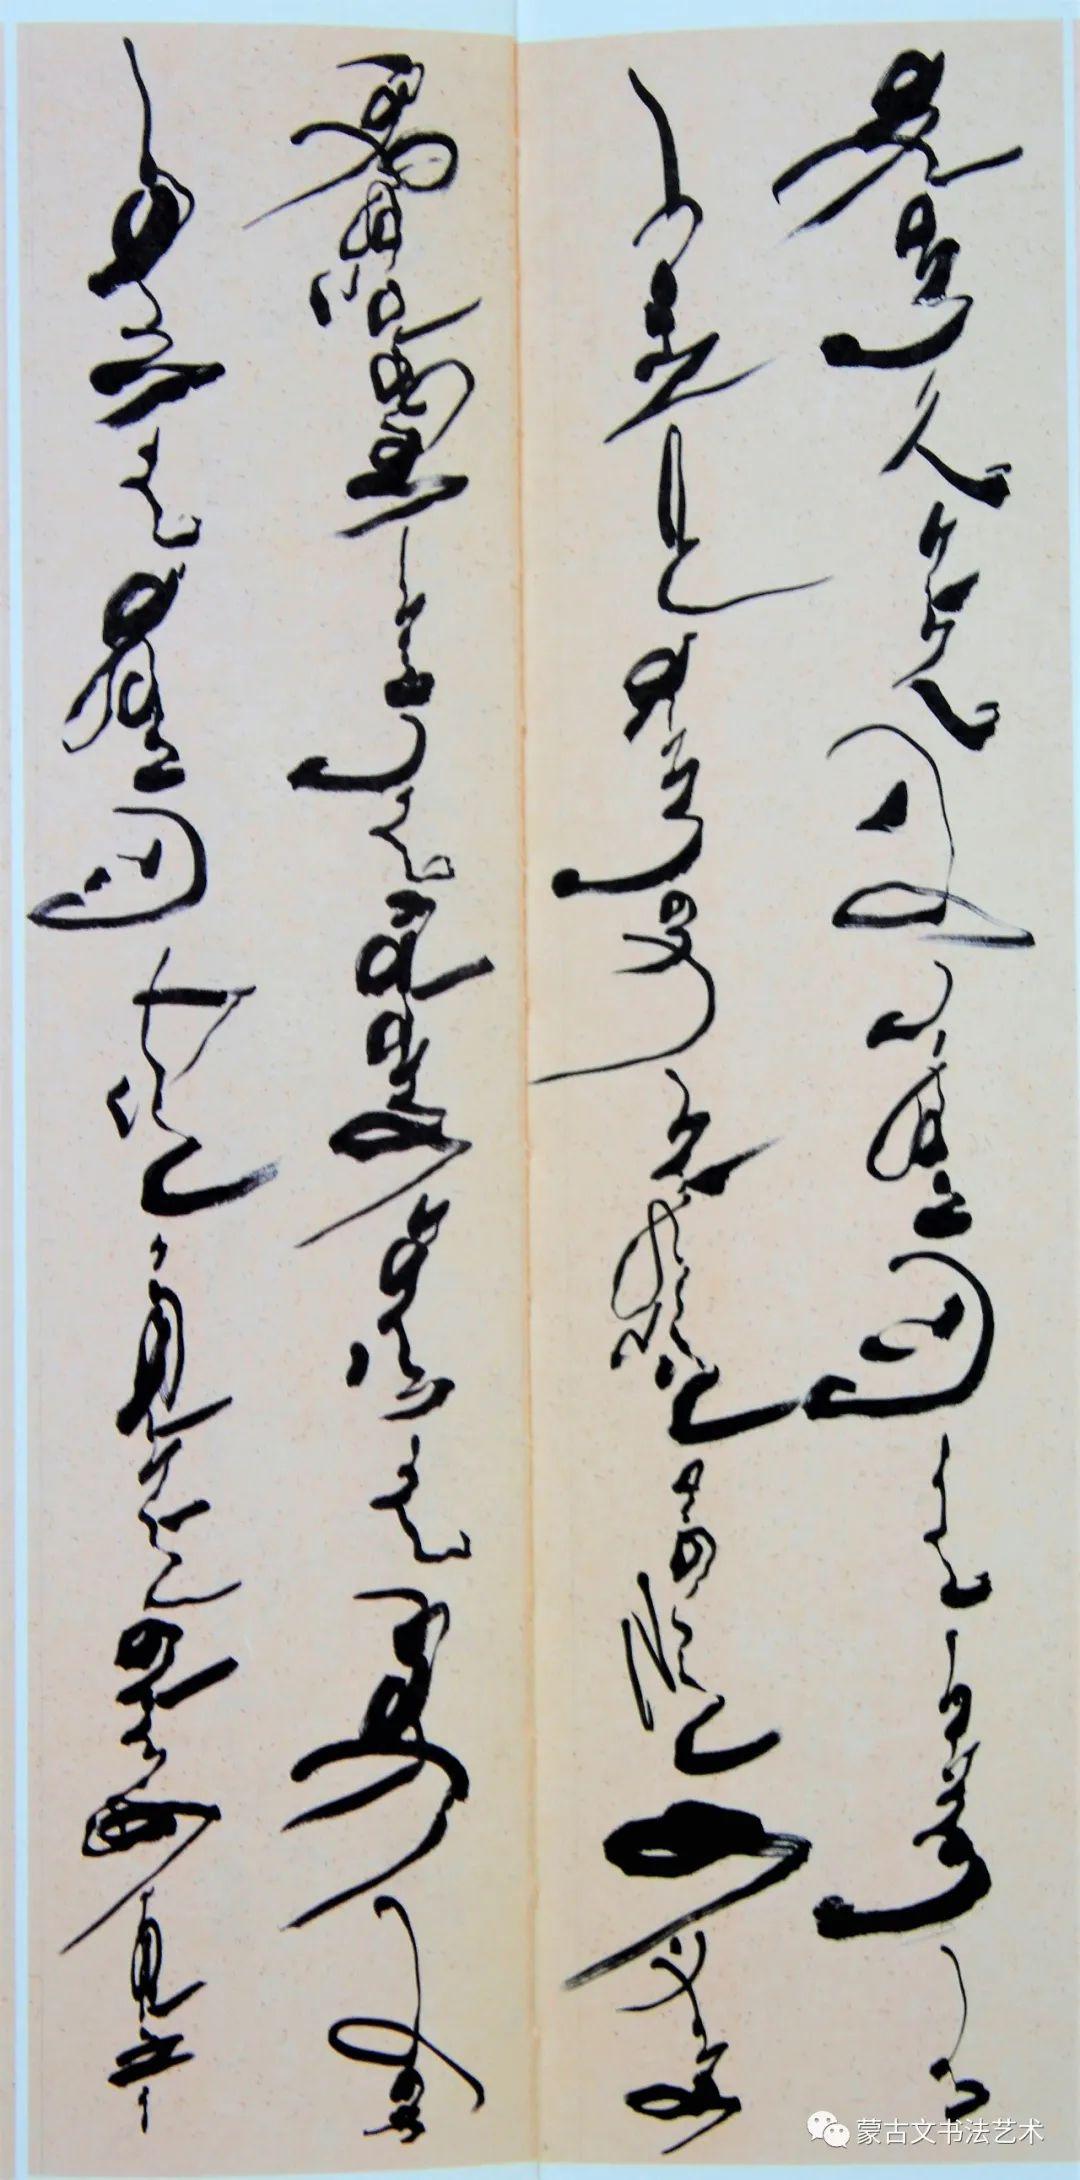 阿勒得尔图主编《忽必烈律诗百幅书法作品集》(一) 第9张